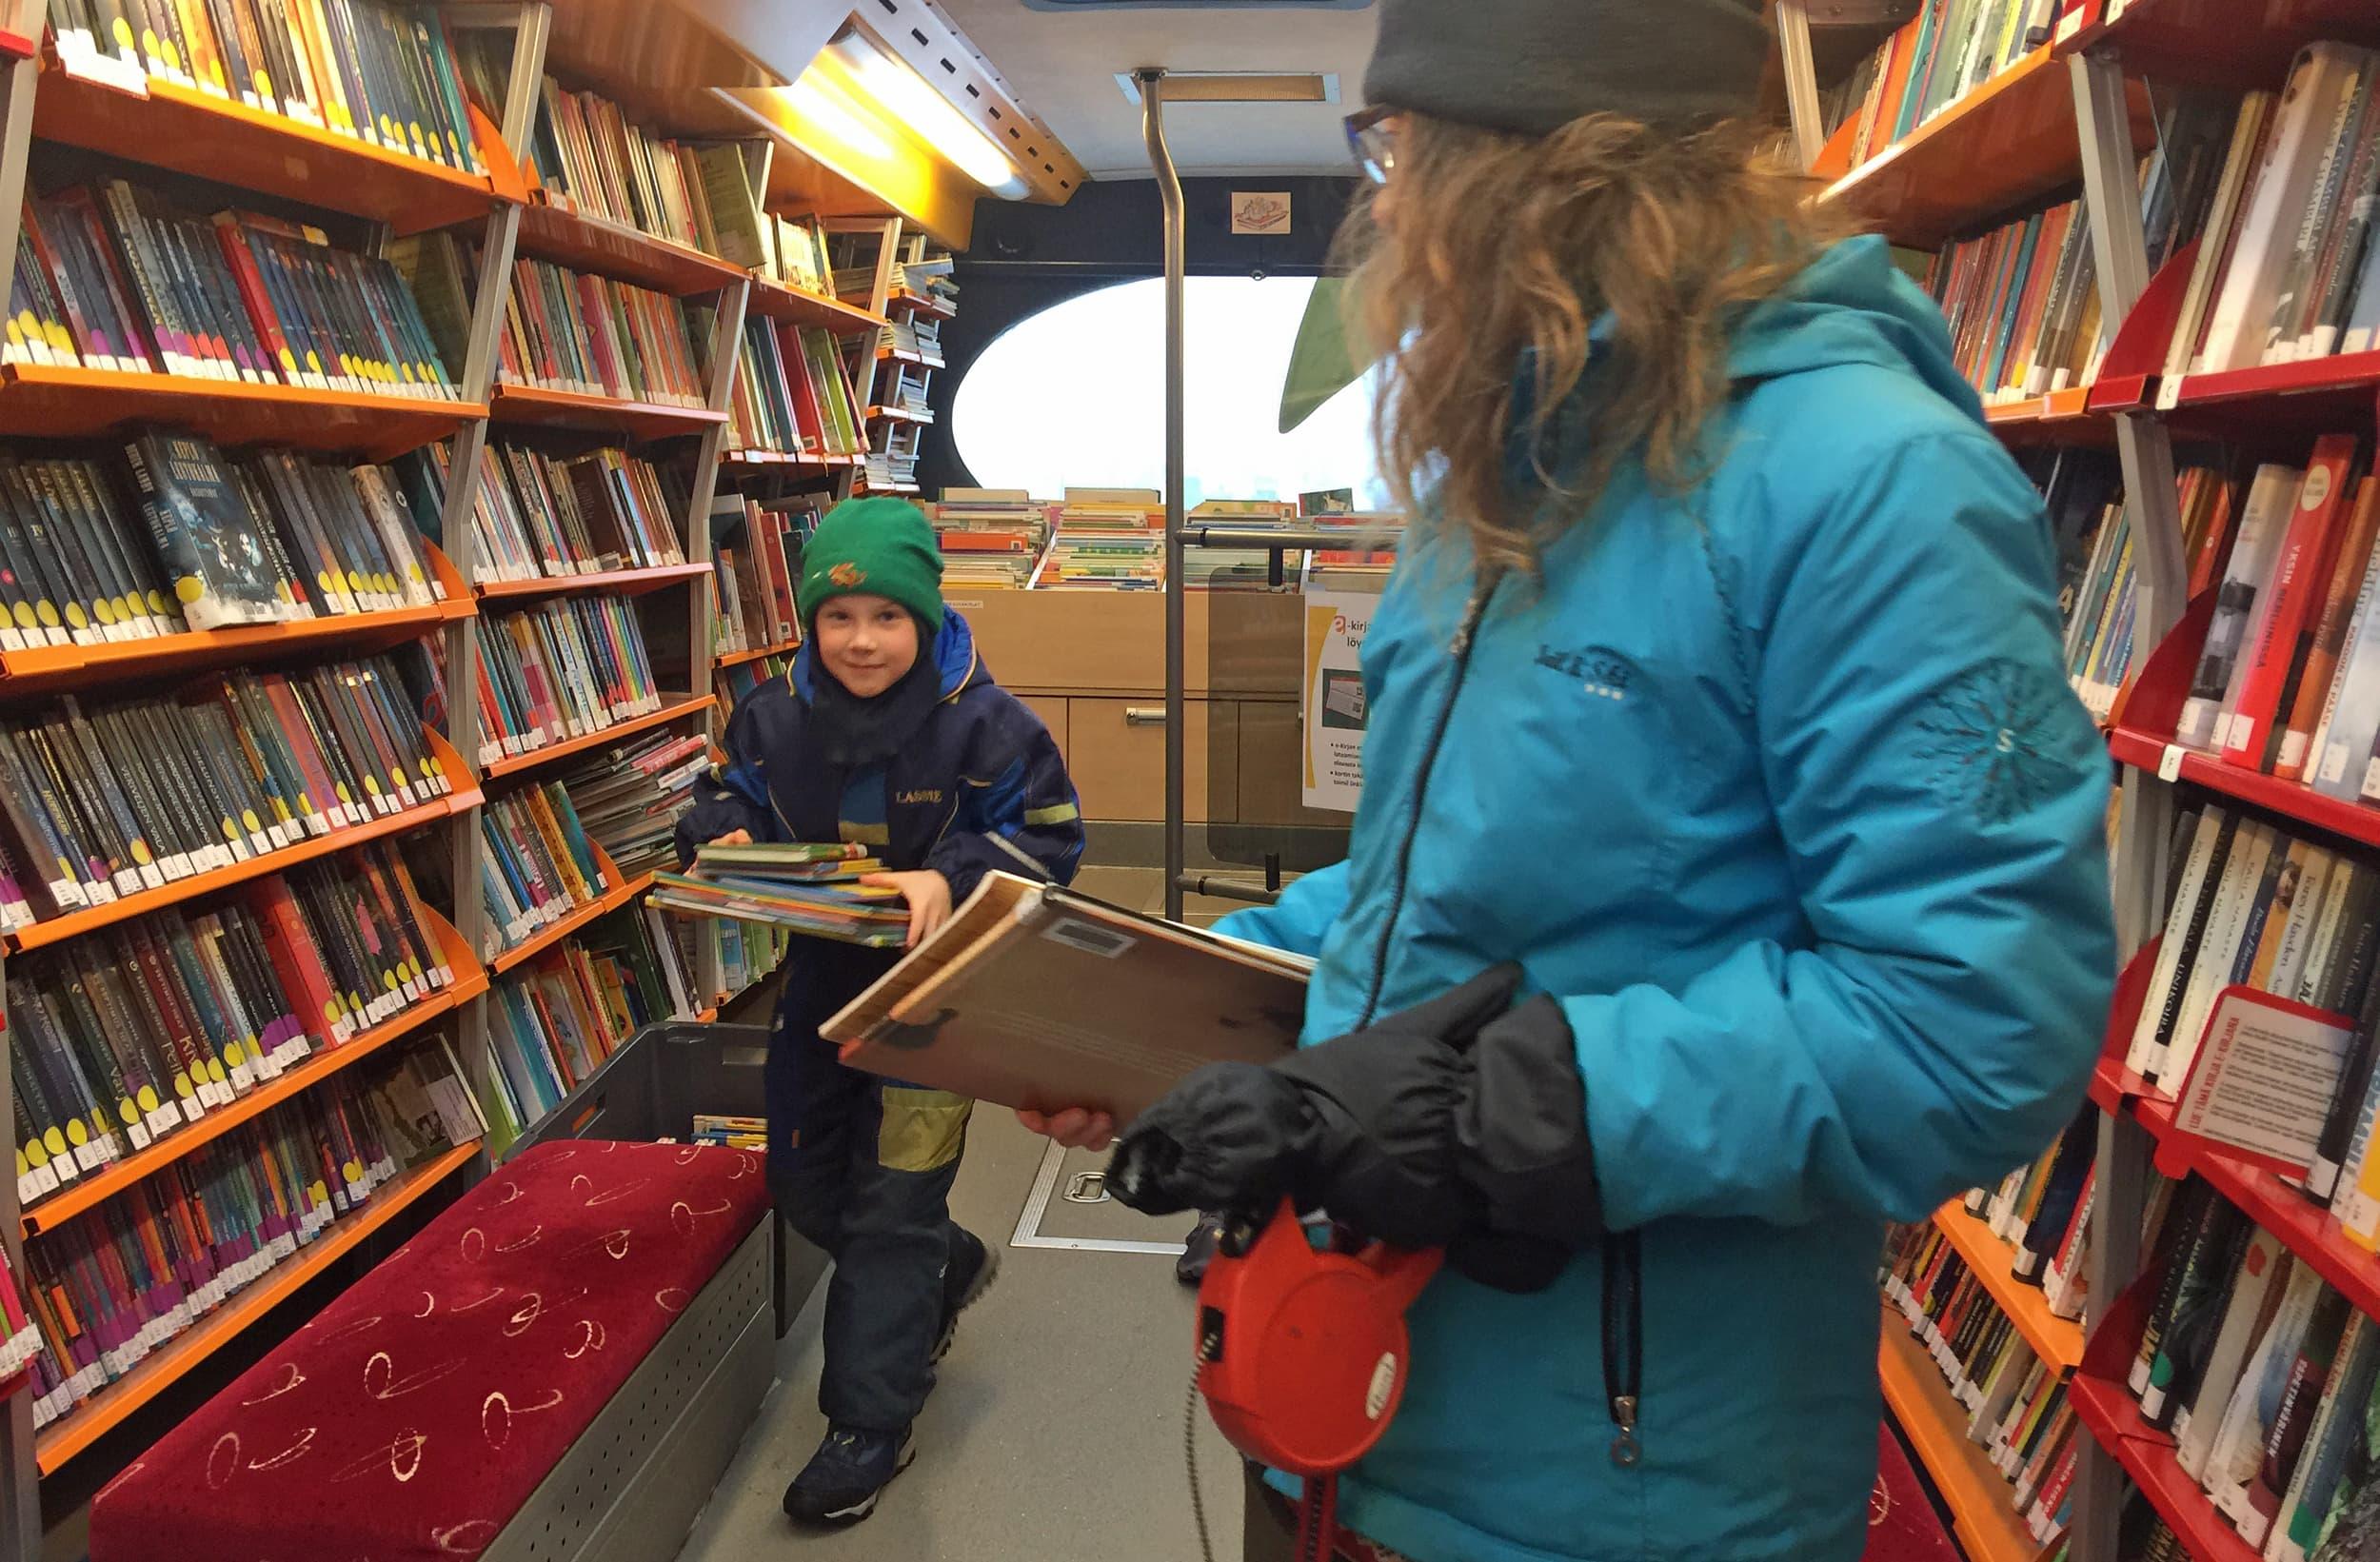 Nainen odottaa kirjastoautossa poikaa, joka tulee kohti kameraa kirjanippu kädessä